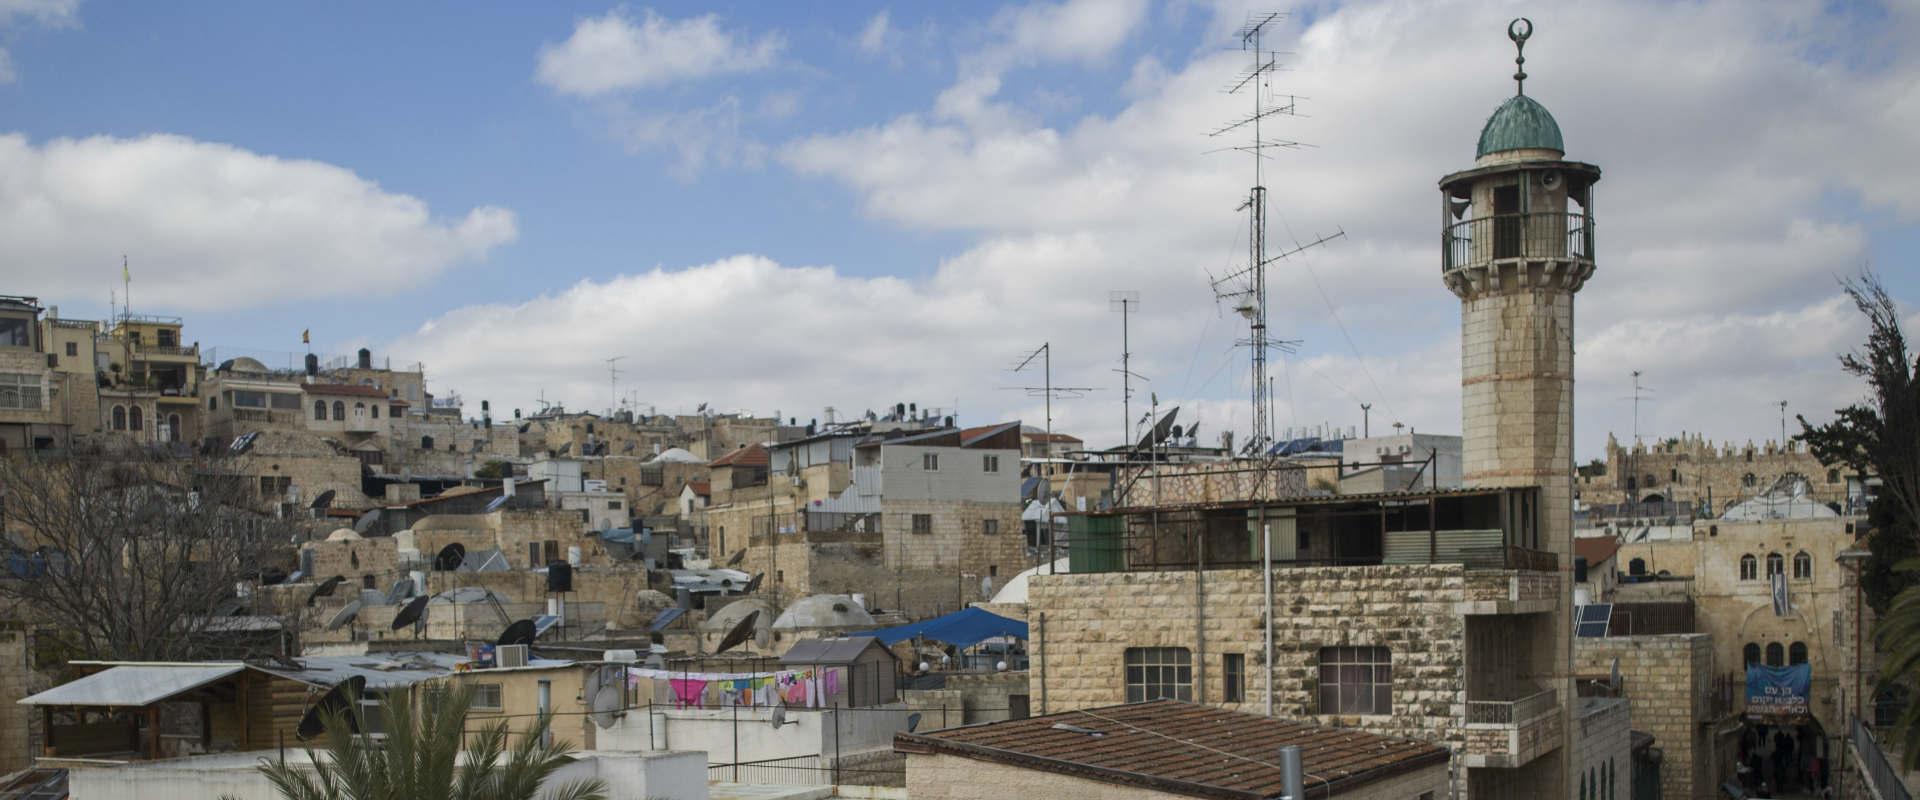 מסגד בעיר העתיקה בירושלים, 2016